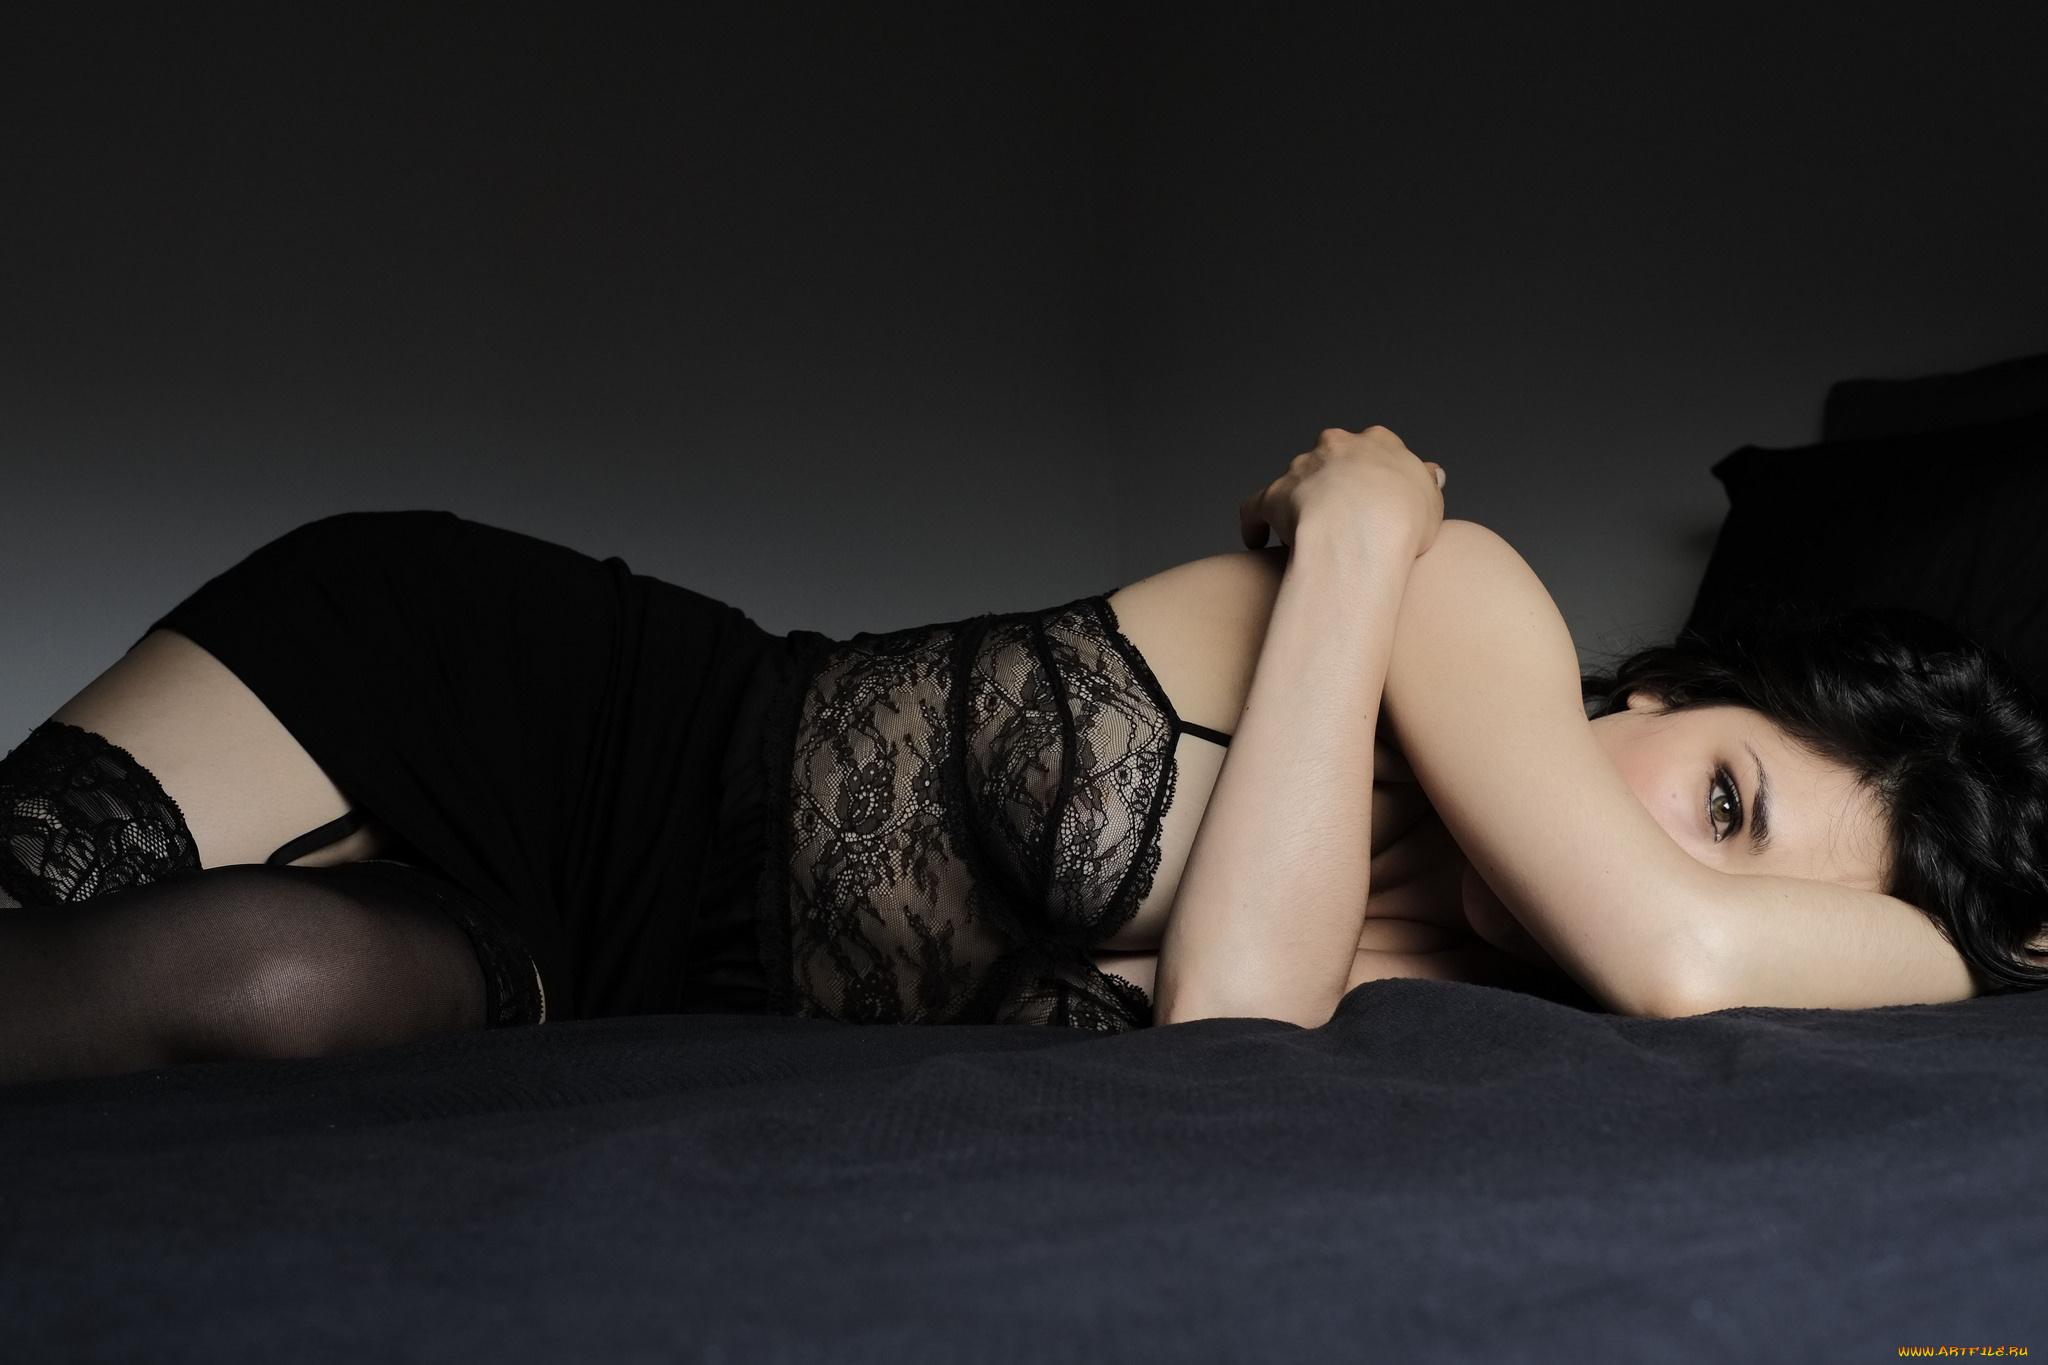 Секс зрелой дамочки с очкариком ботаником смотреть вк 4